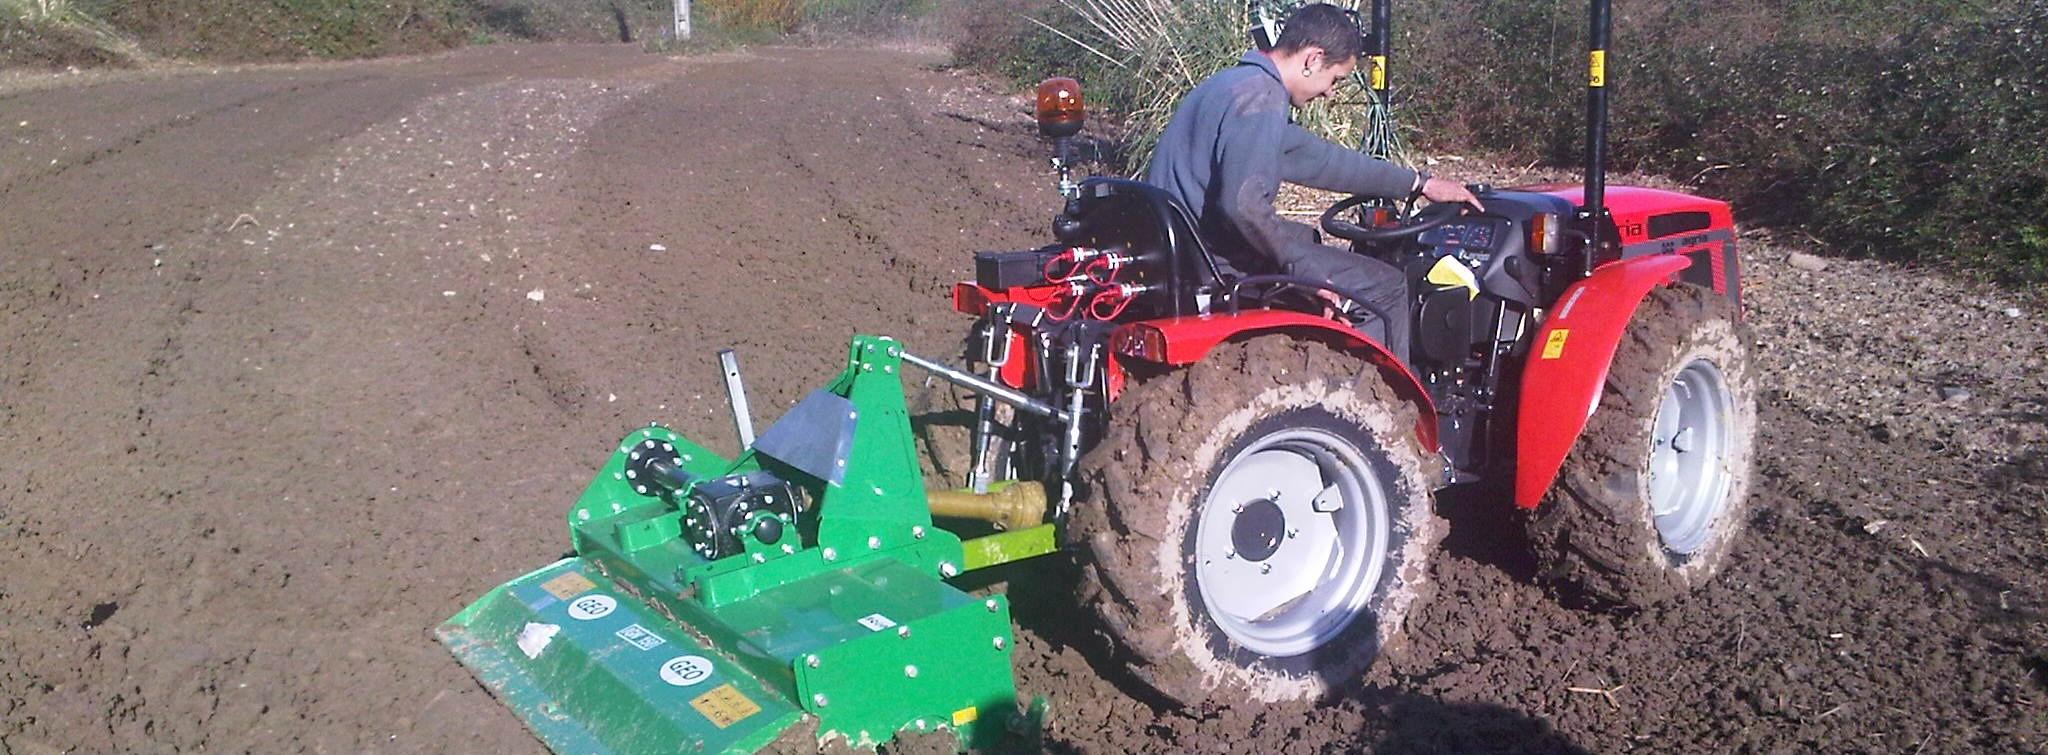 Maquinaria agrícola, construcción y jardinería | Agria 2